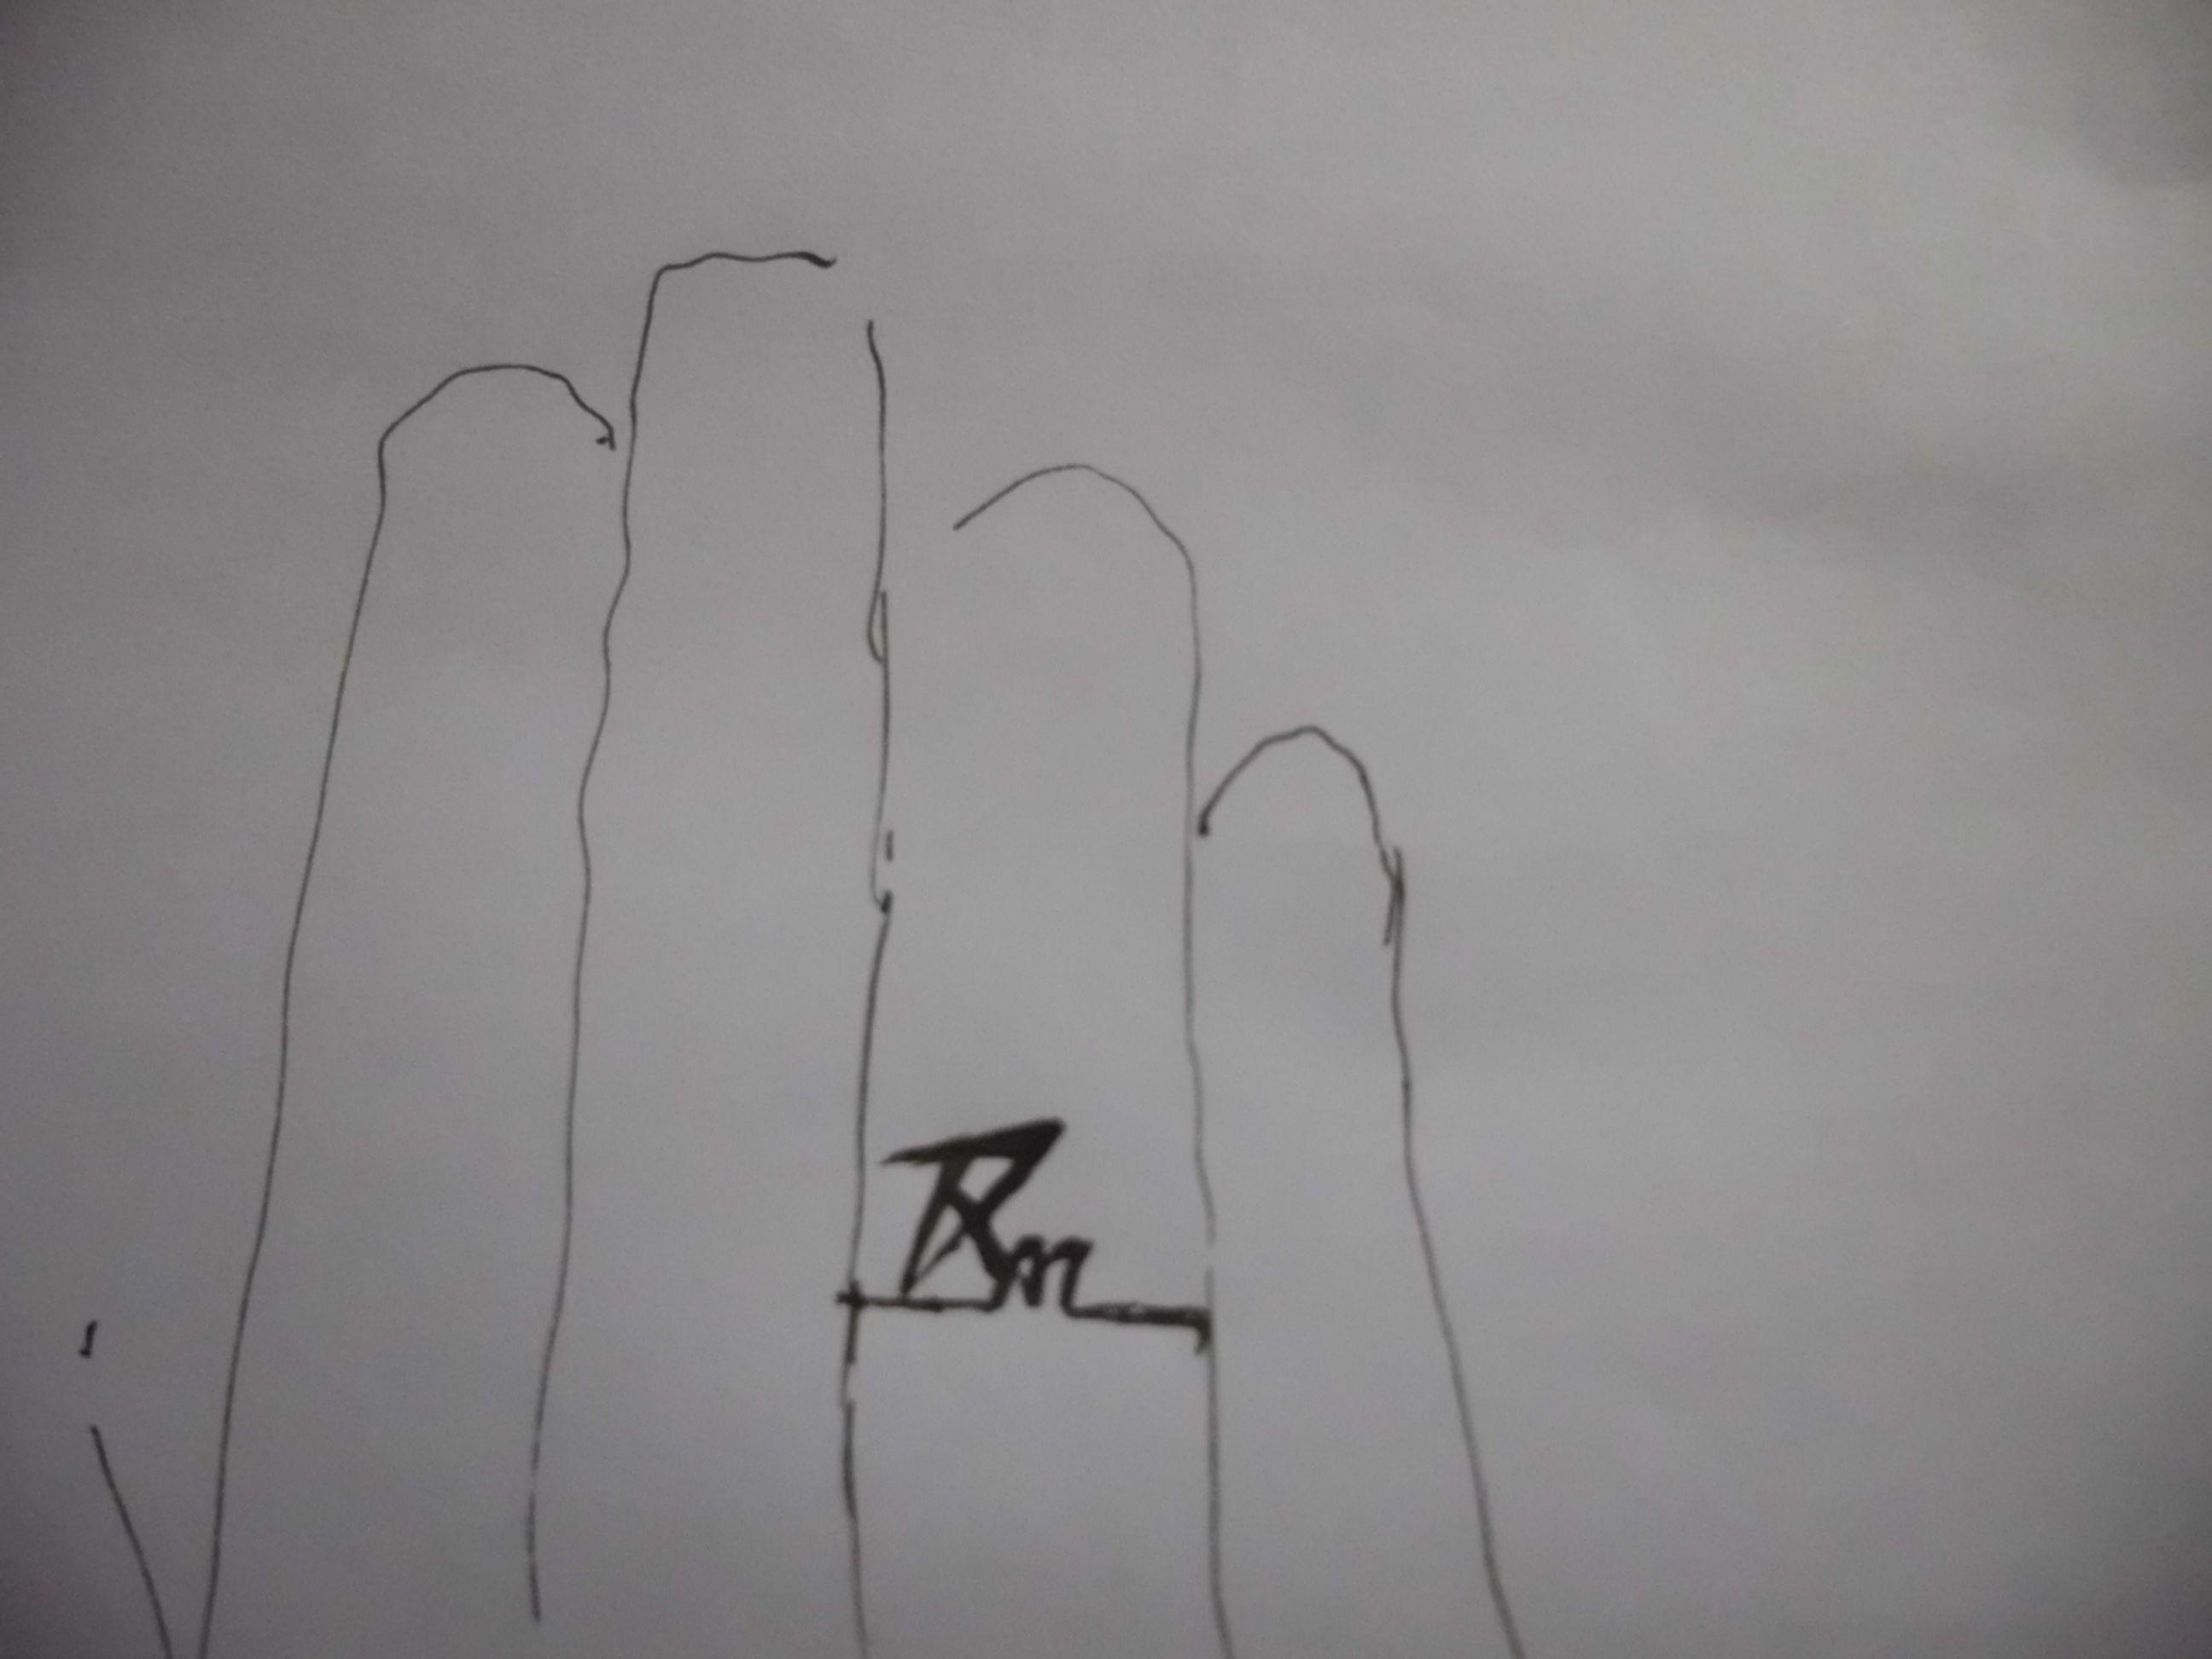 设计纹身,字母_百度知道 (2592x1944)-l和d两个字母纹身